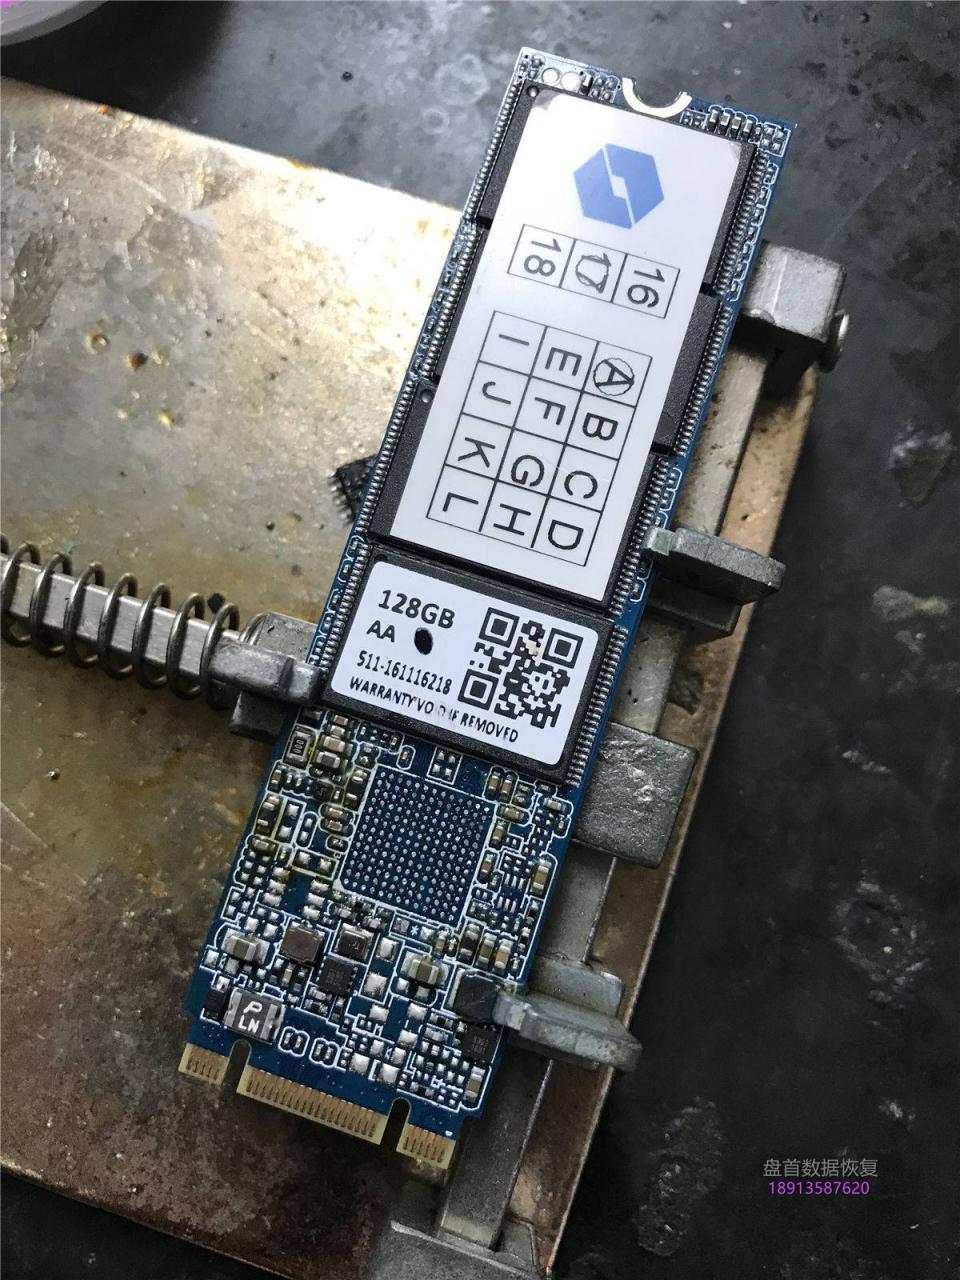 电脑进水导致PHISON固态硬盘PS3111主控损坏二次恢复成功